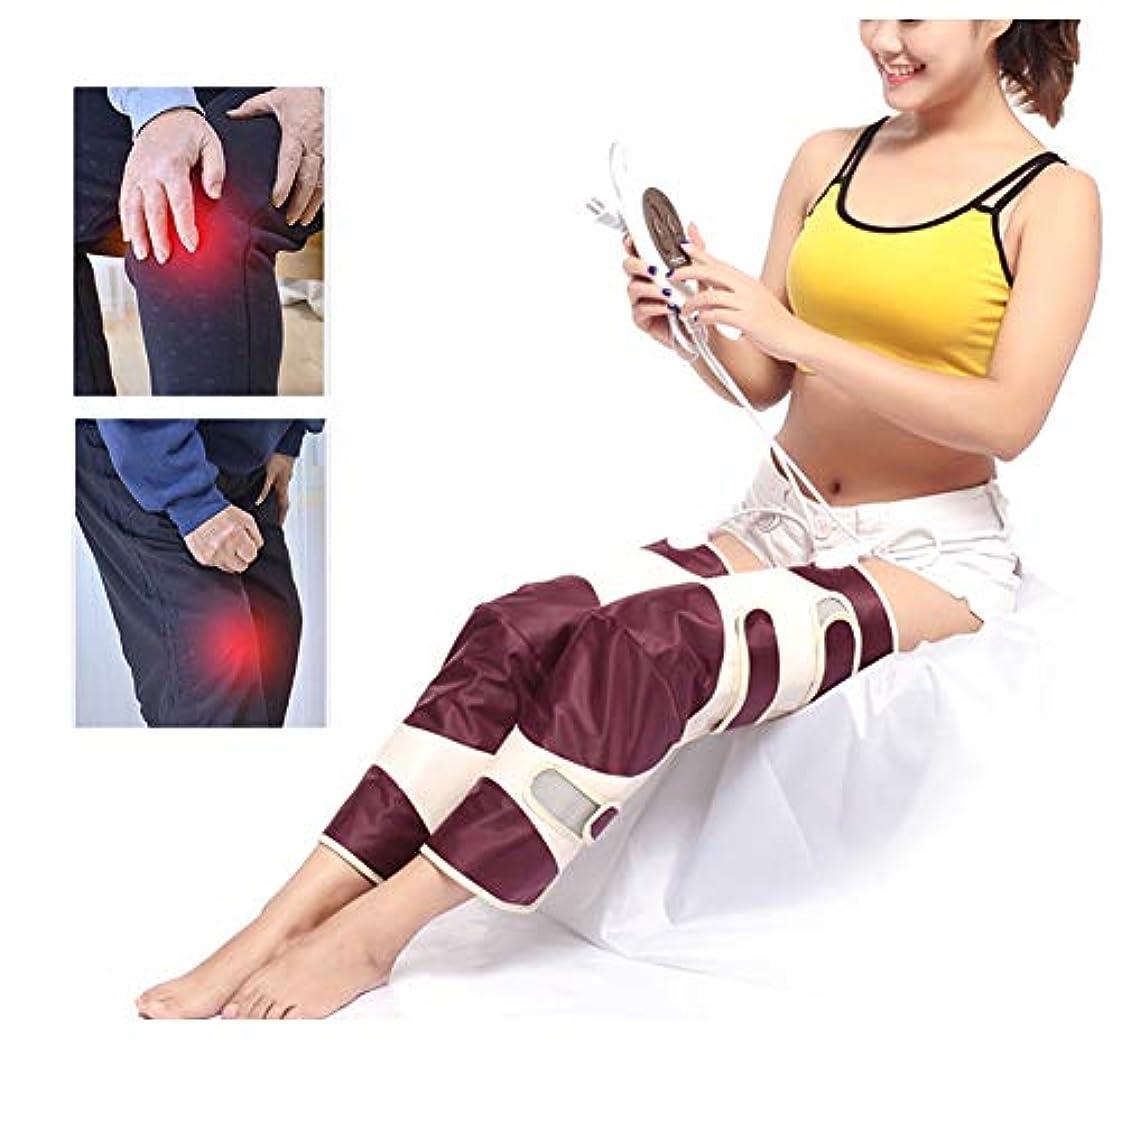 ためらう知るはしご膝の怪我、痛みを軽減するための電気加熱膝ブレースサポート - 膝温かいラップ加熱パッド - 遠赤外線治療マッサージャー